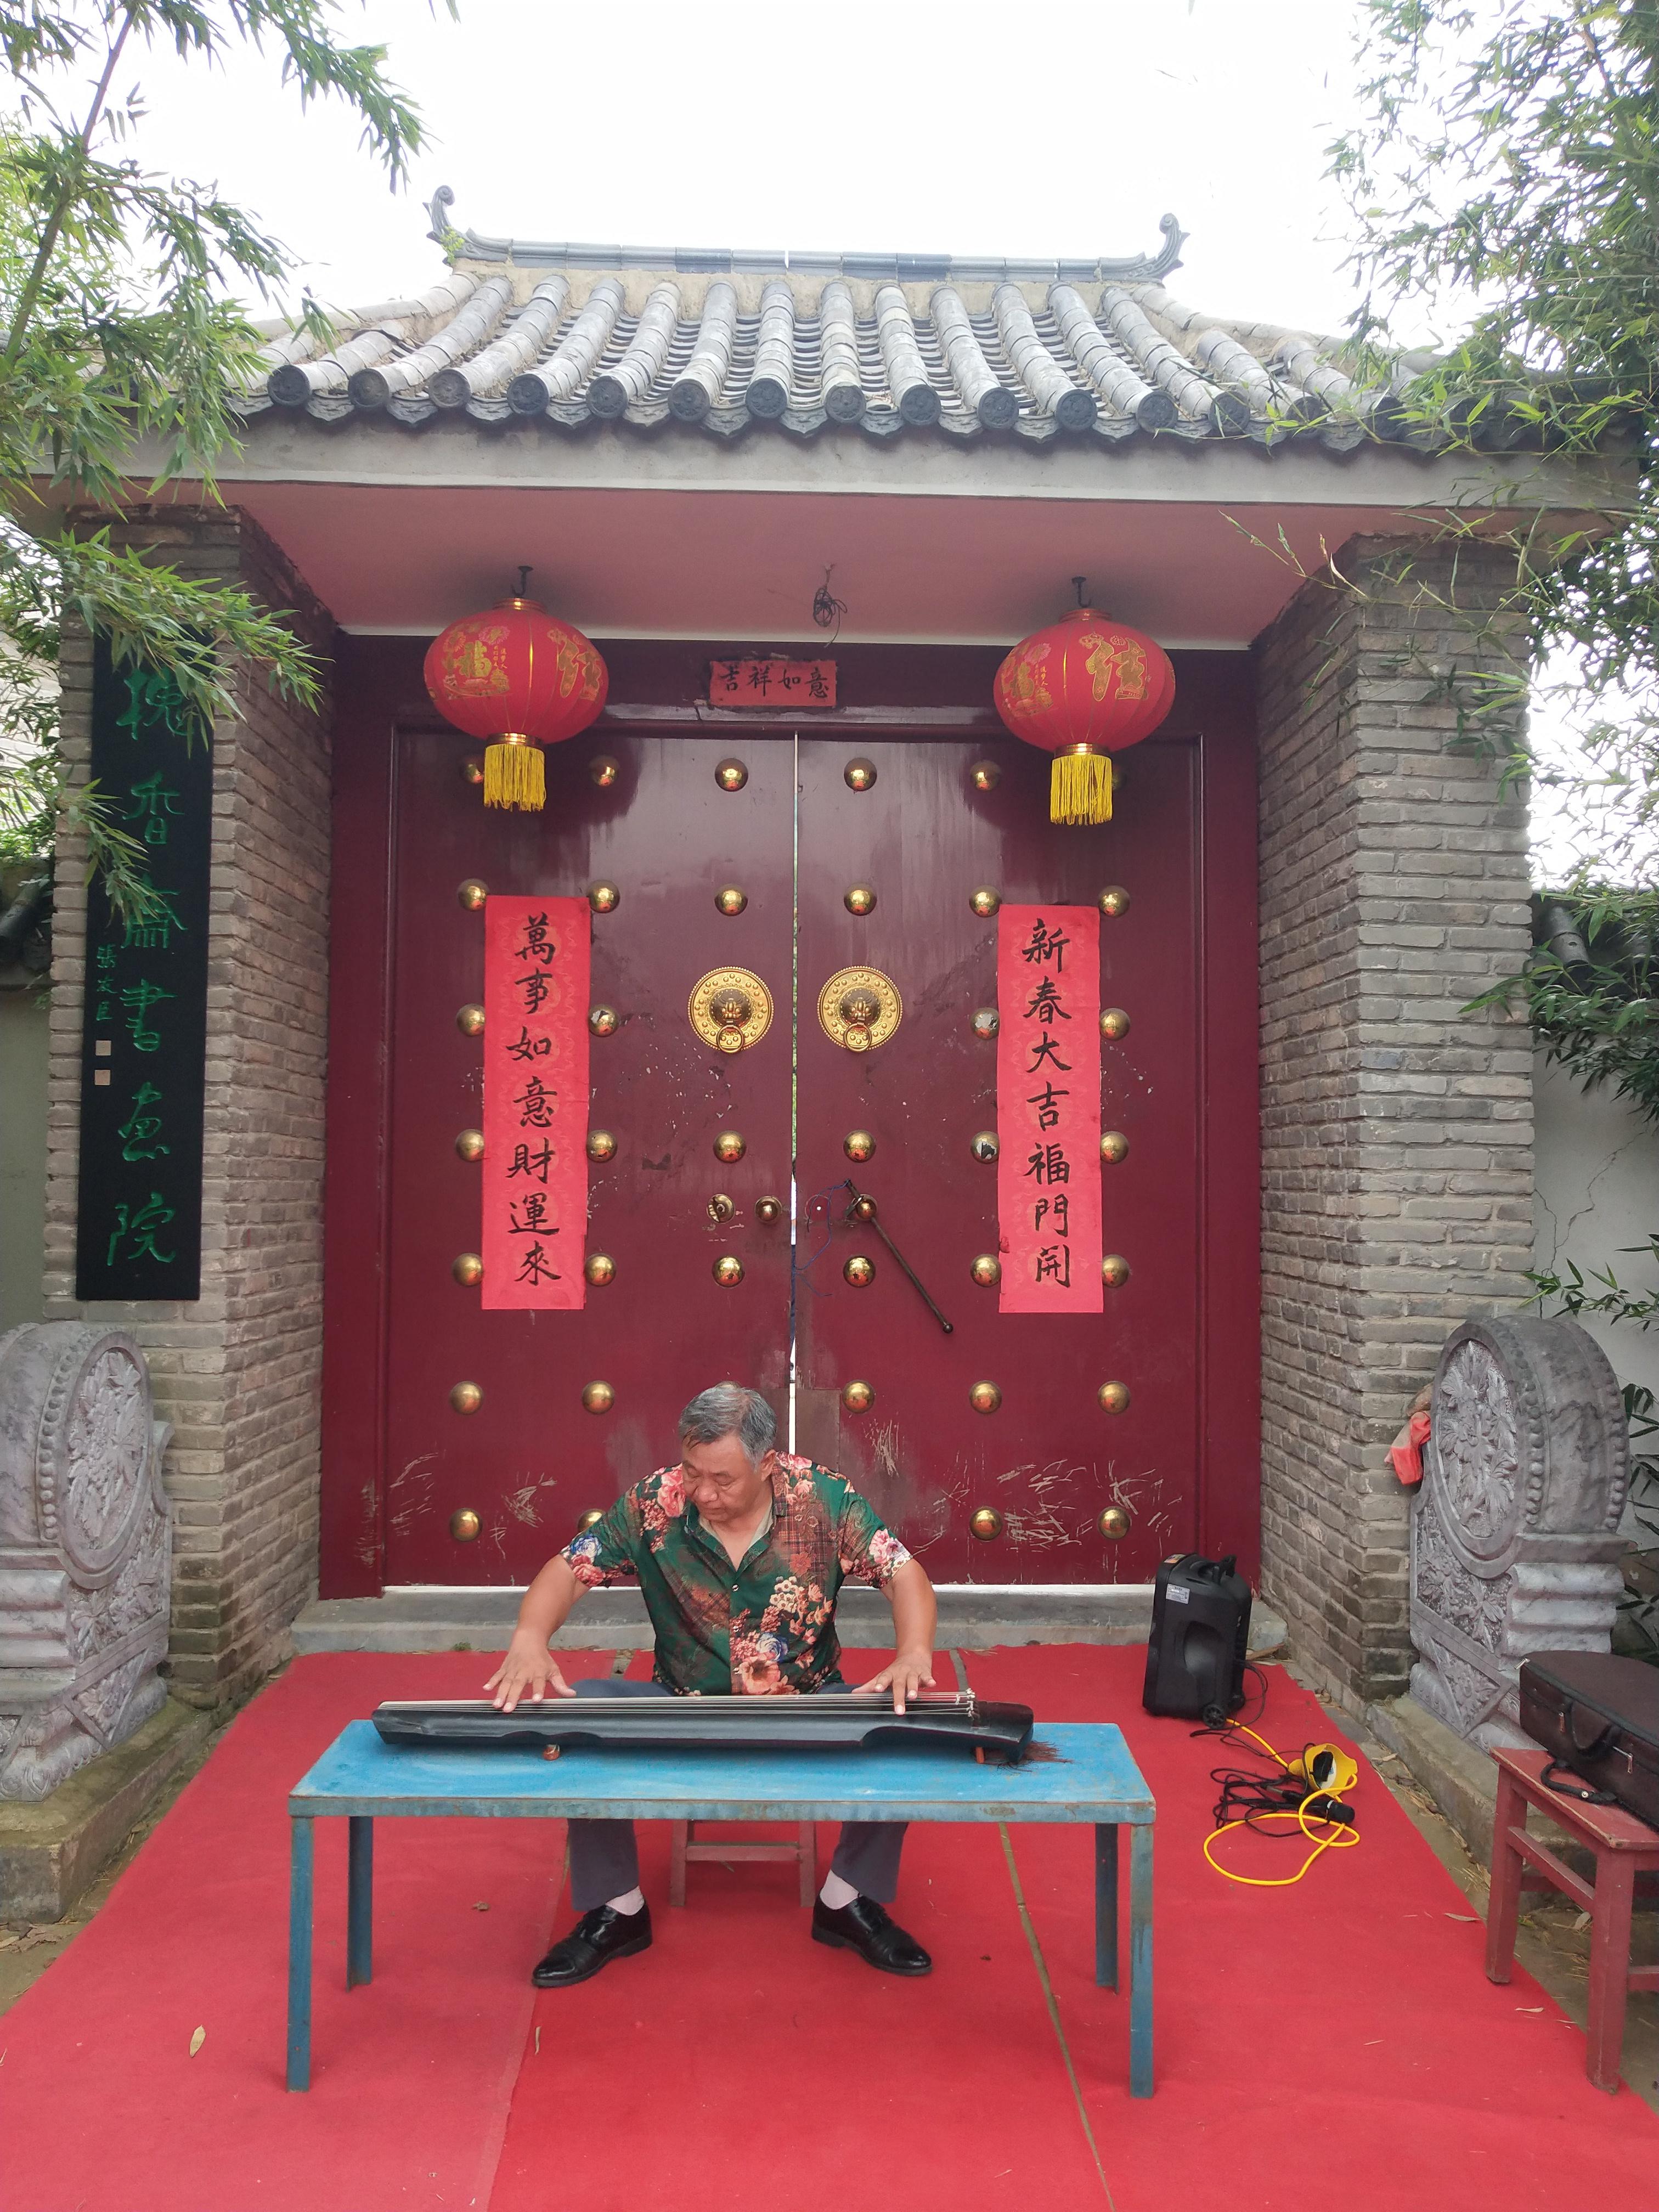 槐香斋书画院成立十周年书画展系列活动之五《唱响槐香斋》